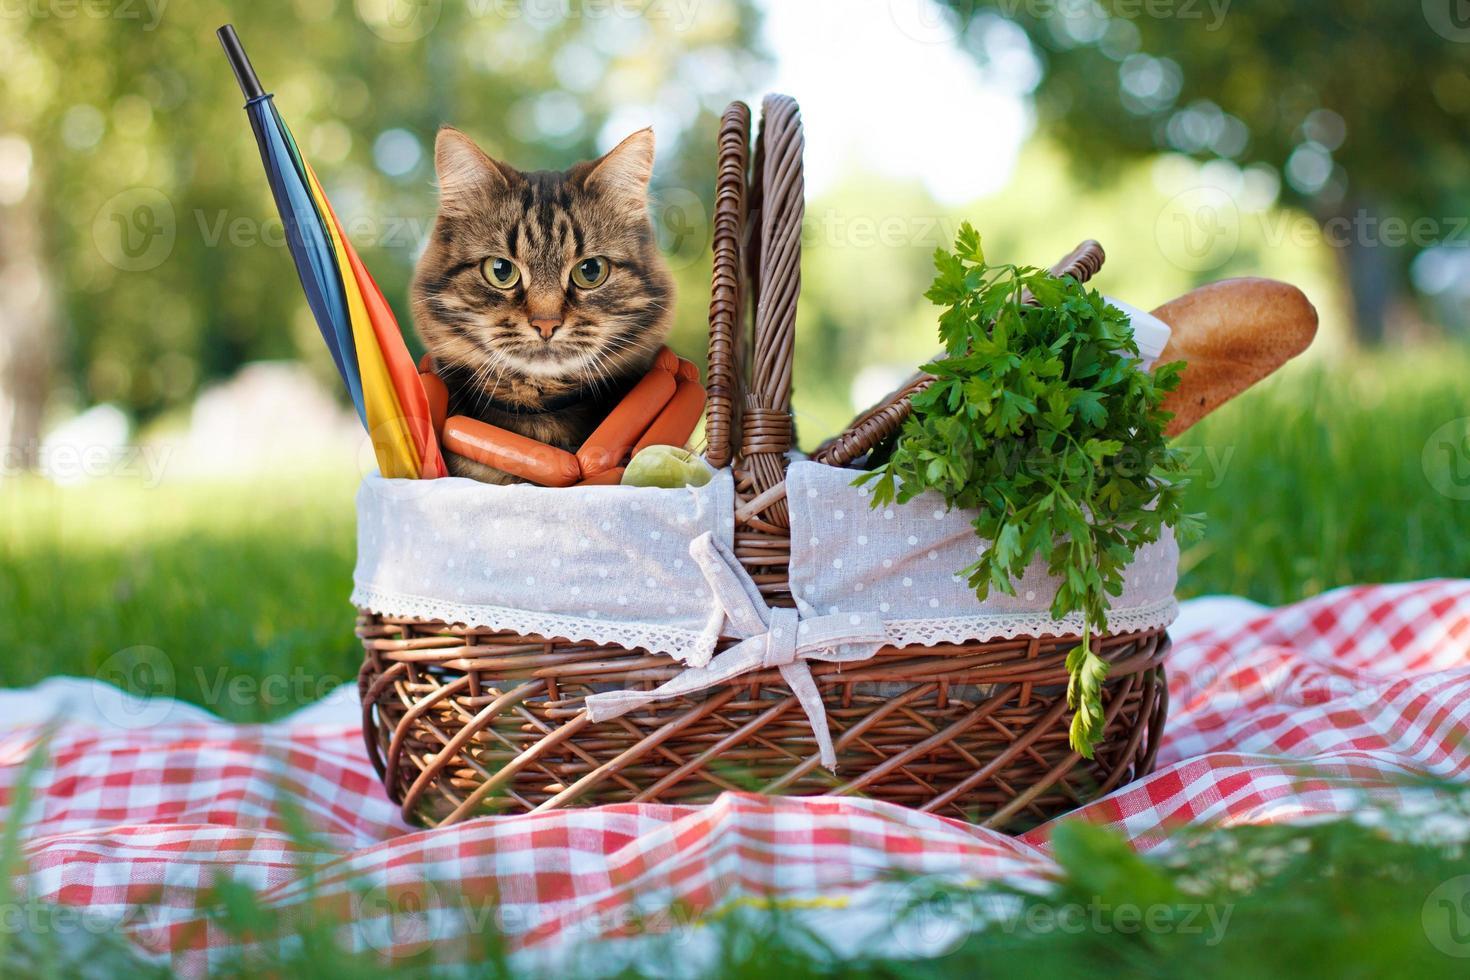 lustige Katze auf einem Picknick. schöner Sommertag foto